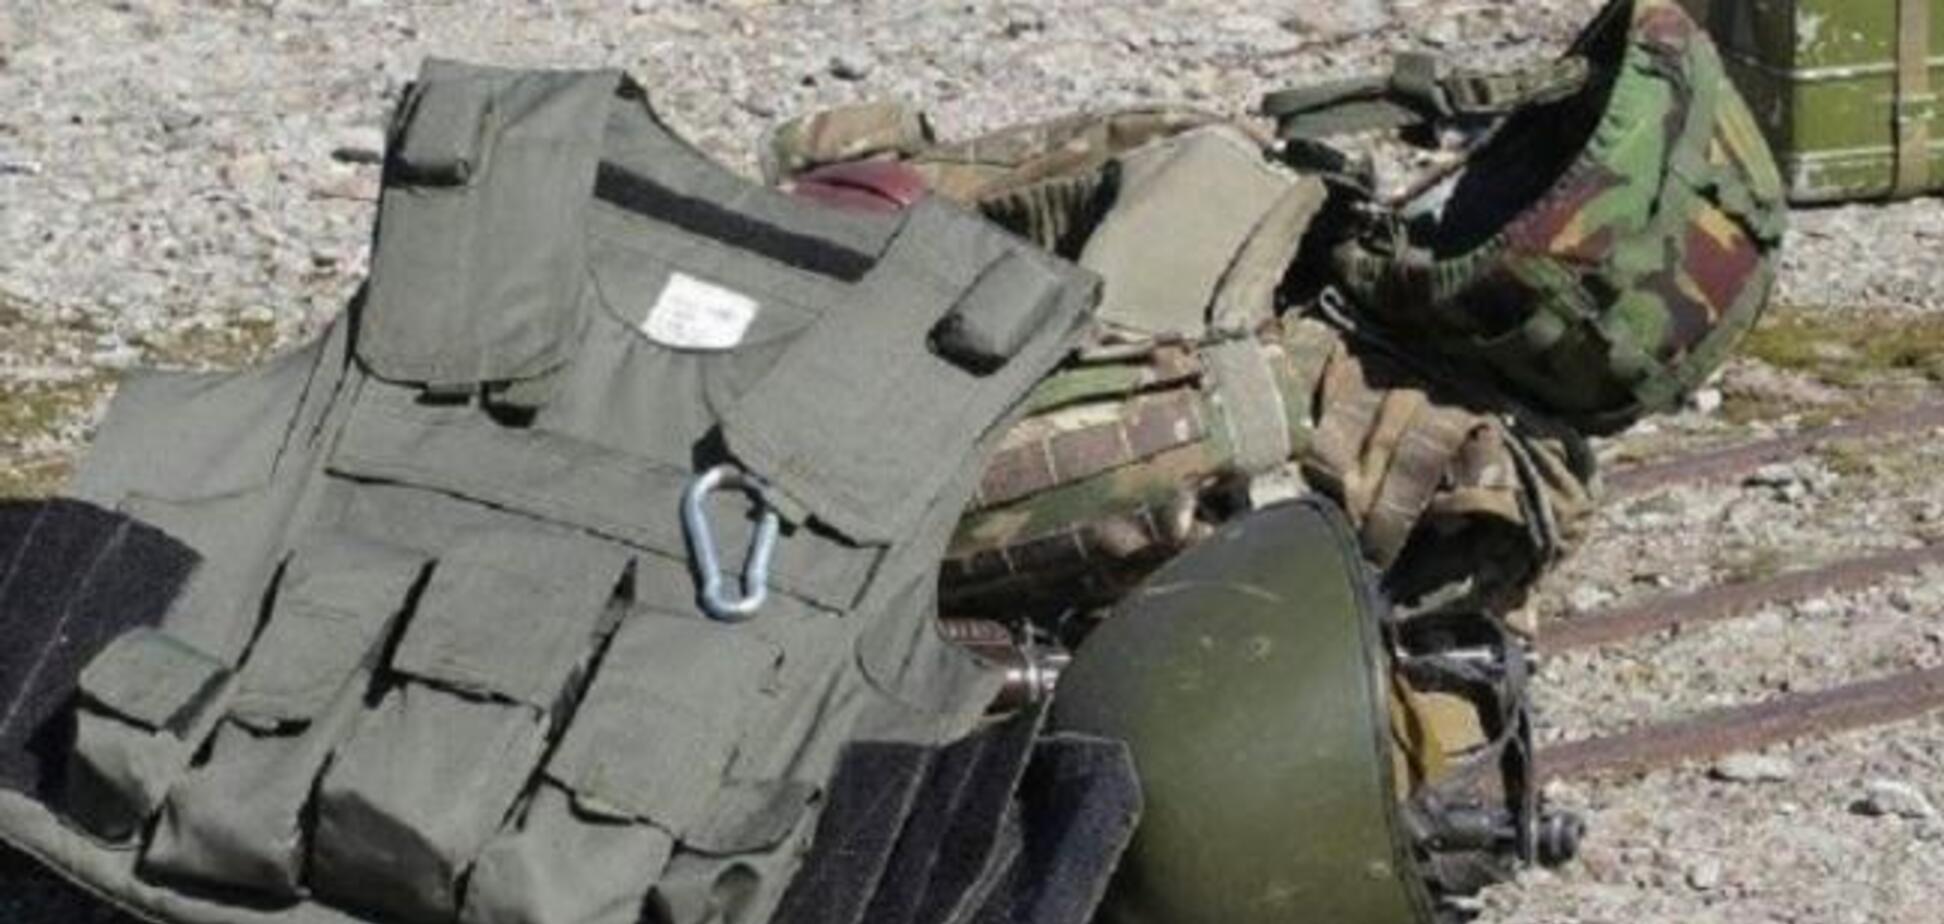 Відкликати не будуть: міністр оборони відповів на скандал із бронежилетами